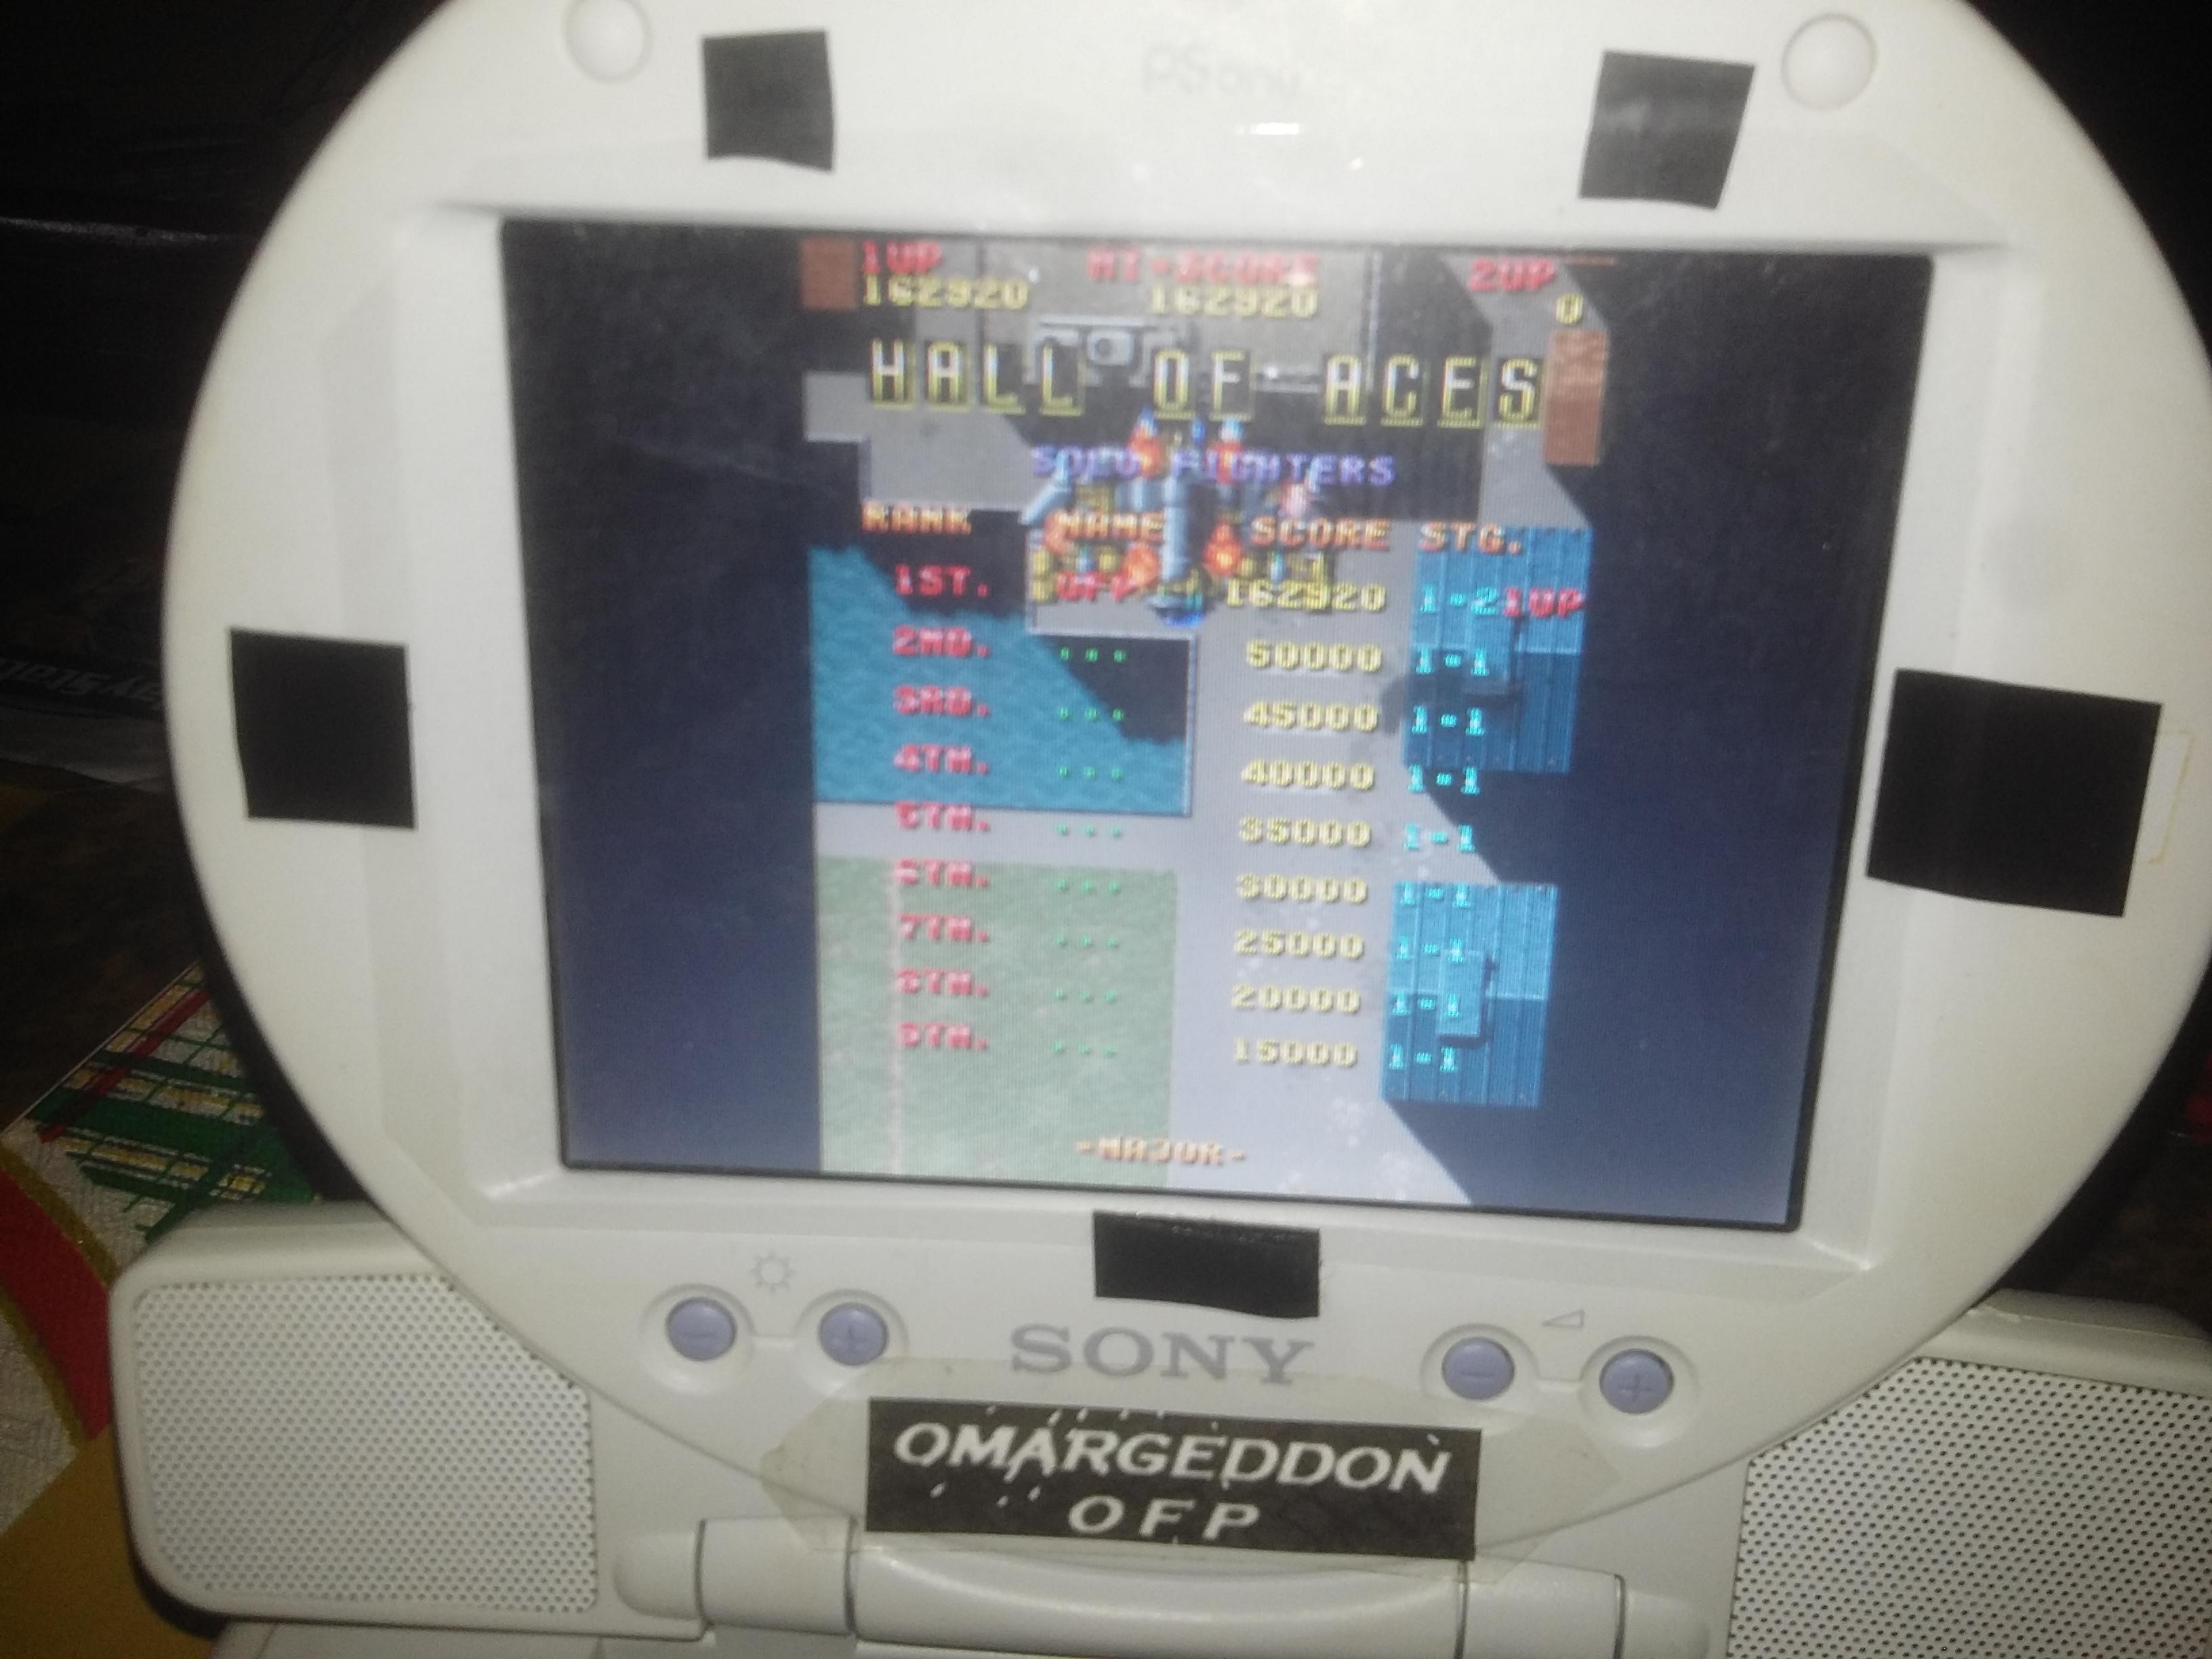 omargeddon: The Raiden Project: Raiden [Major] (Playstation 1) 162,920 points on 2016-12-03 16:02:11